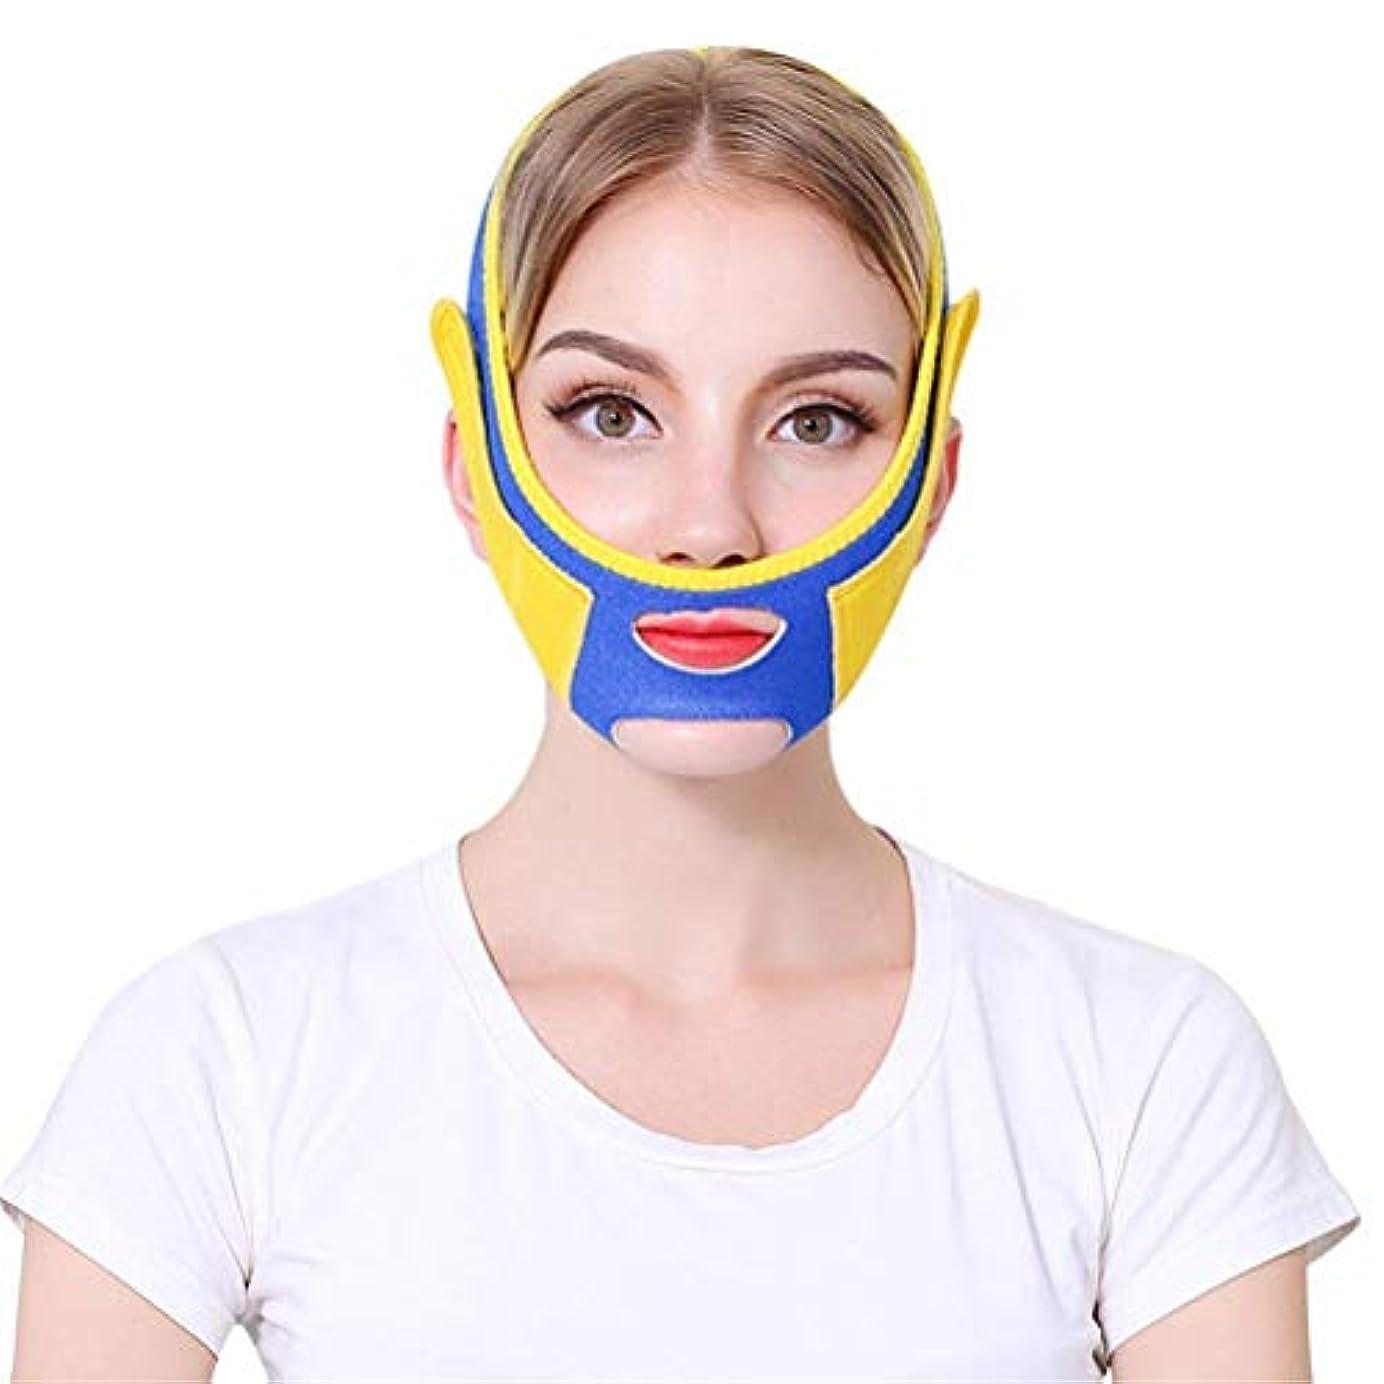 北東中毒集団WSJTT 女性のための顔のリフティングベルト、Vラインチンチークリフトアップバンドアンチリンクル包帯、フェイスリフティング/痩身/マスク包帯/スリープシンフェイス/マスクスリミング (Color : Blue)